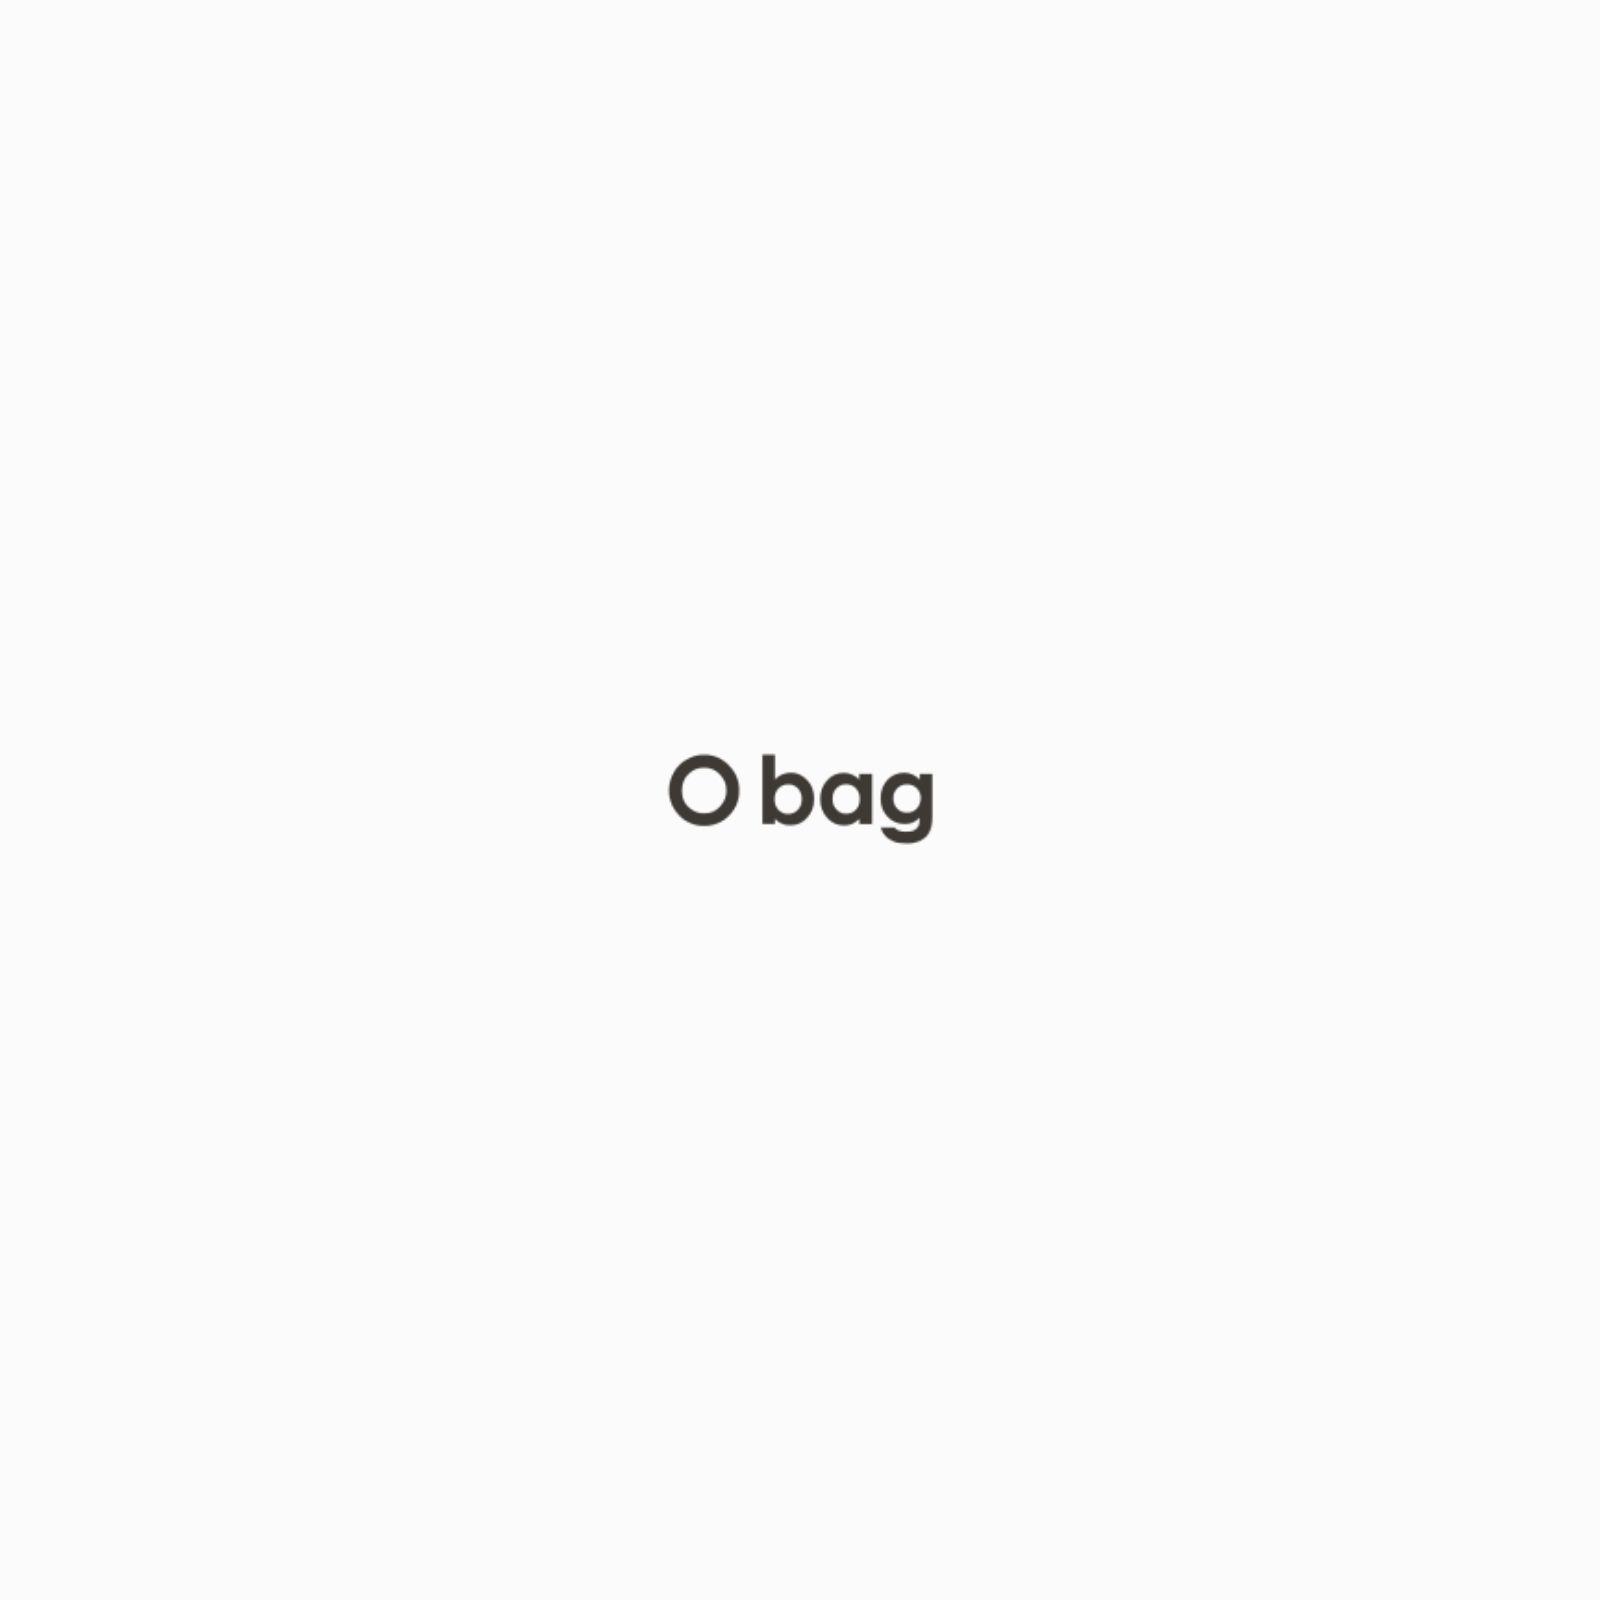 .gift card O bag - 100